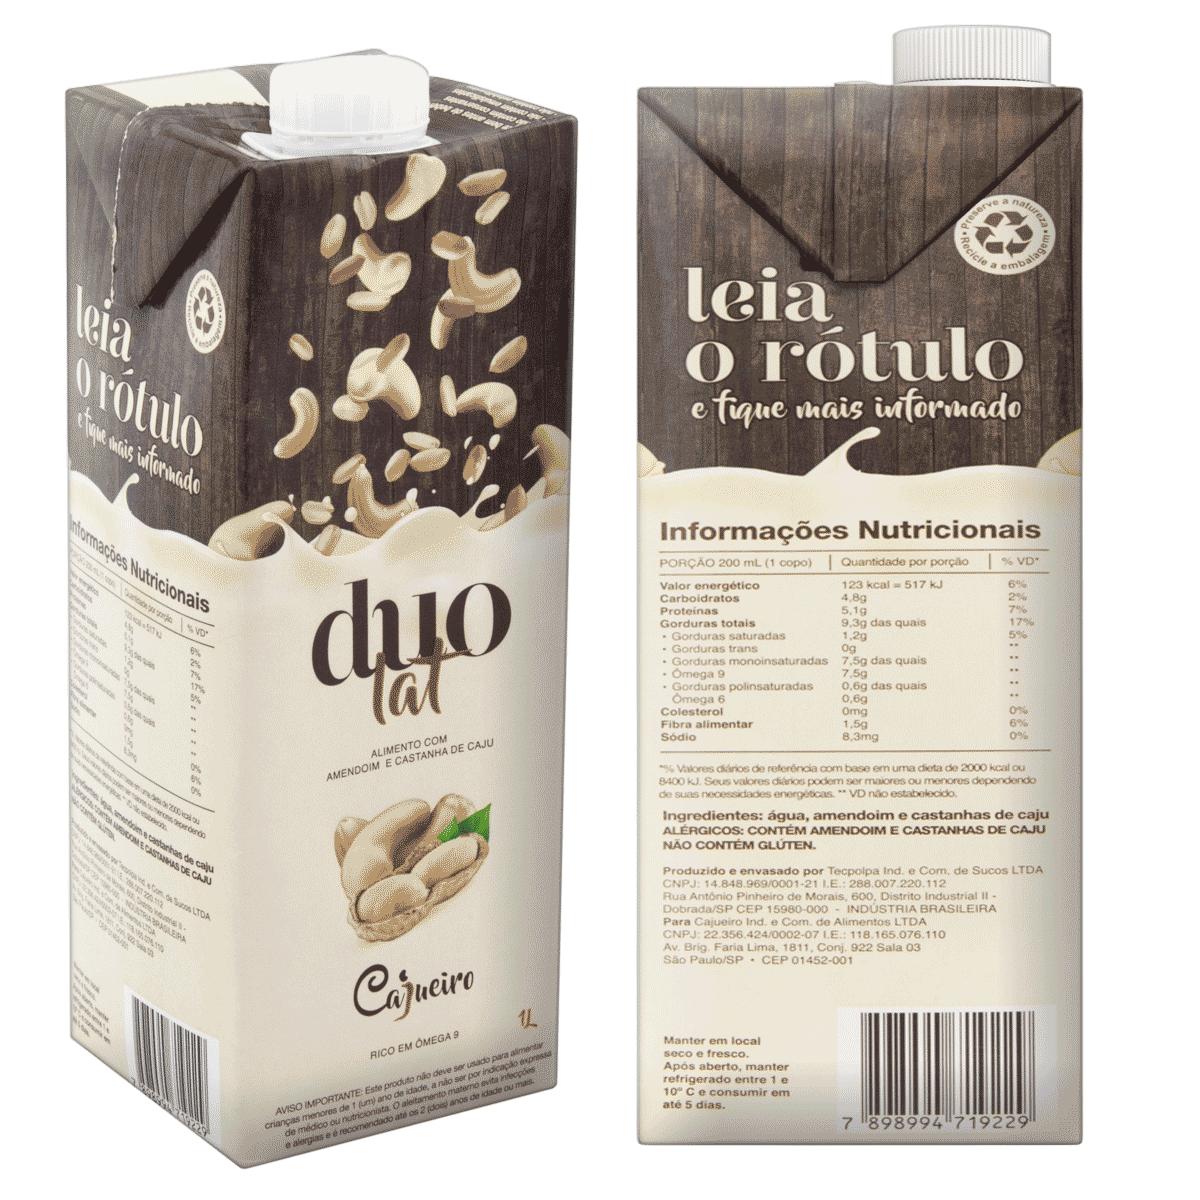 Leite Vegetal Cajueiro DuoLat - Castanha de Caju e Amendoim 1lt.